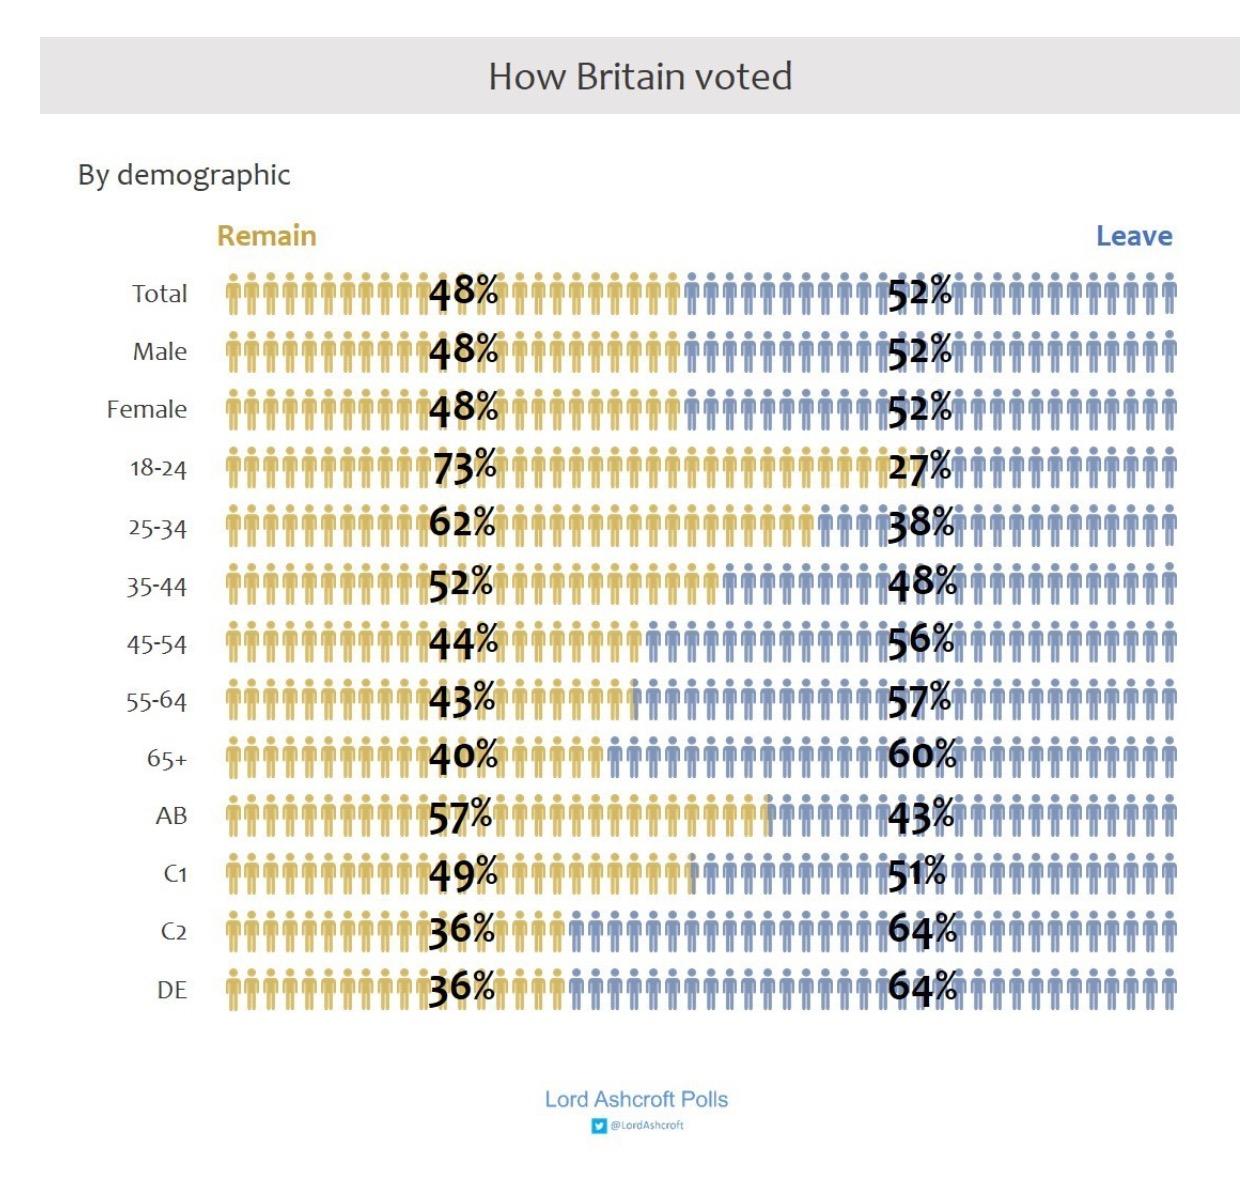 Brexit Vote in UK